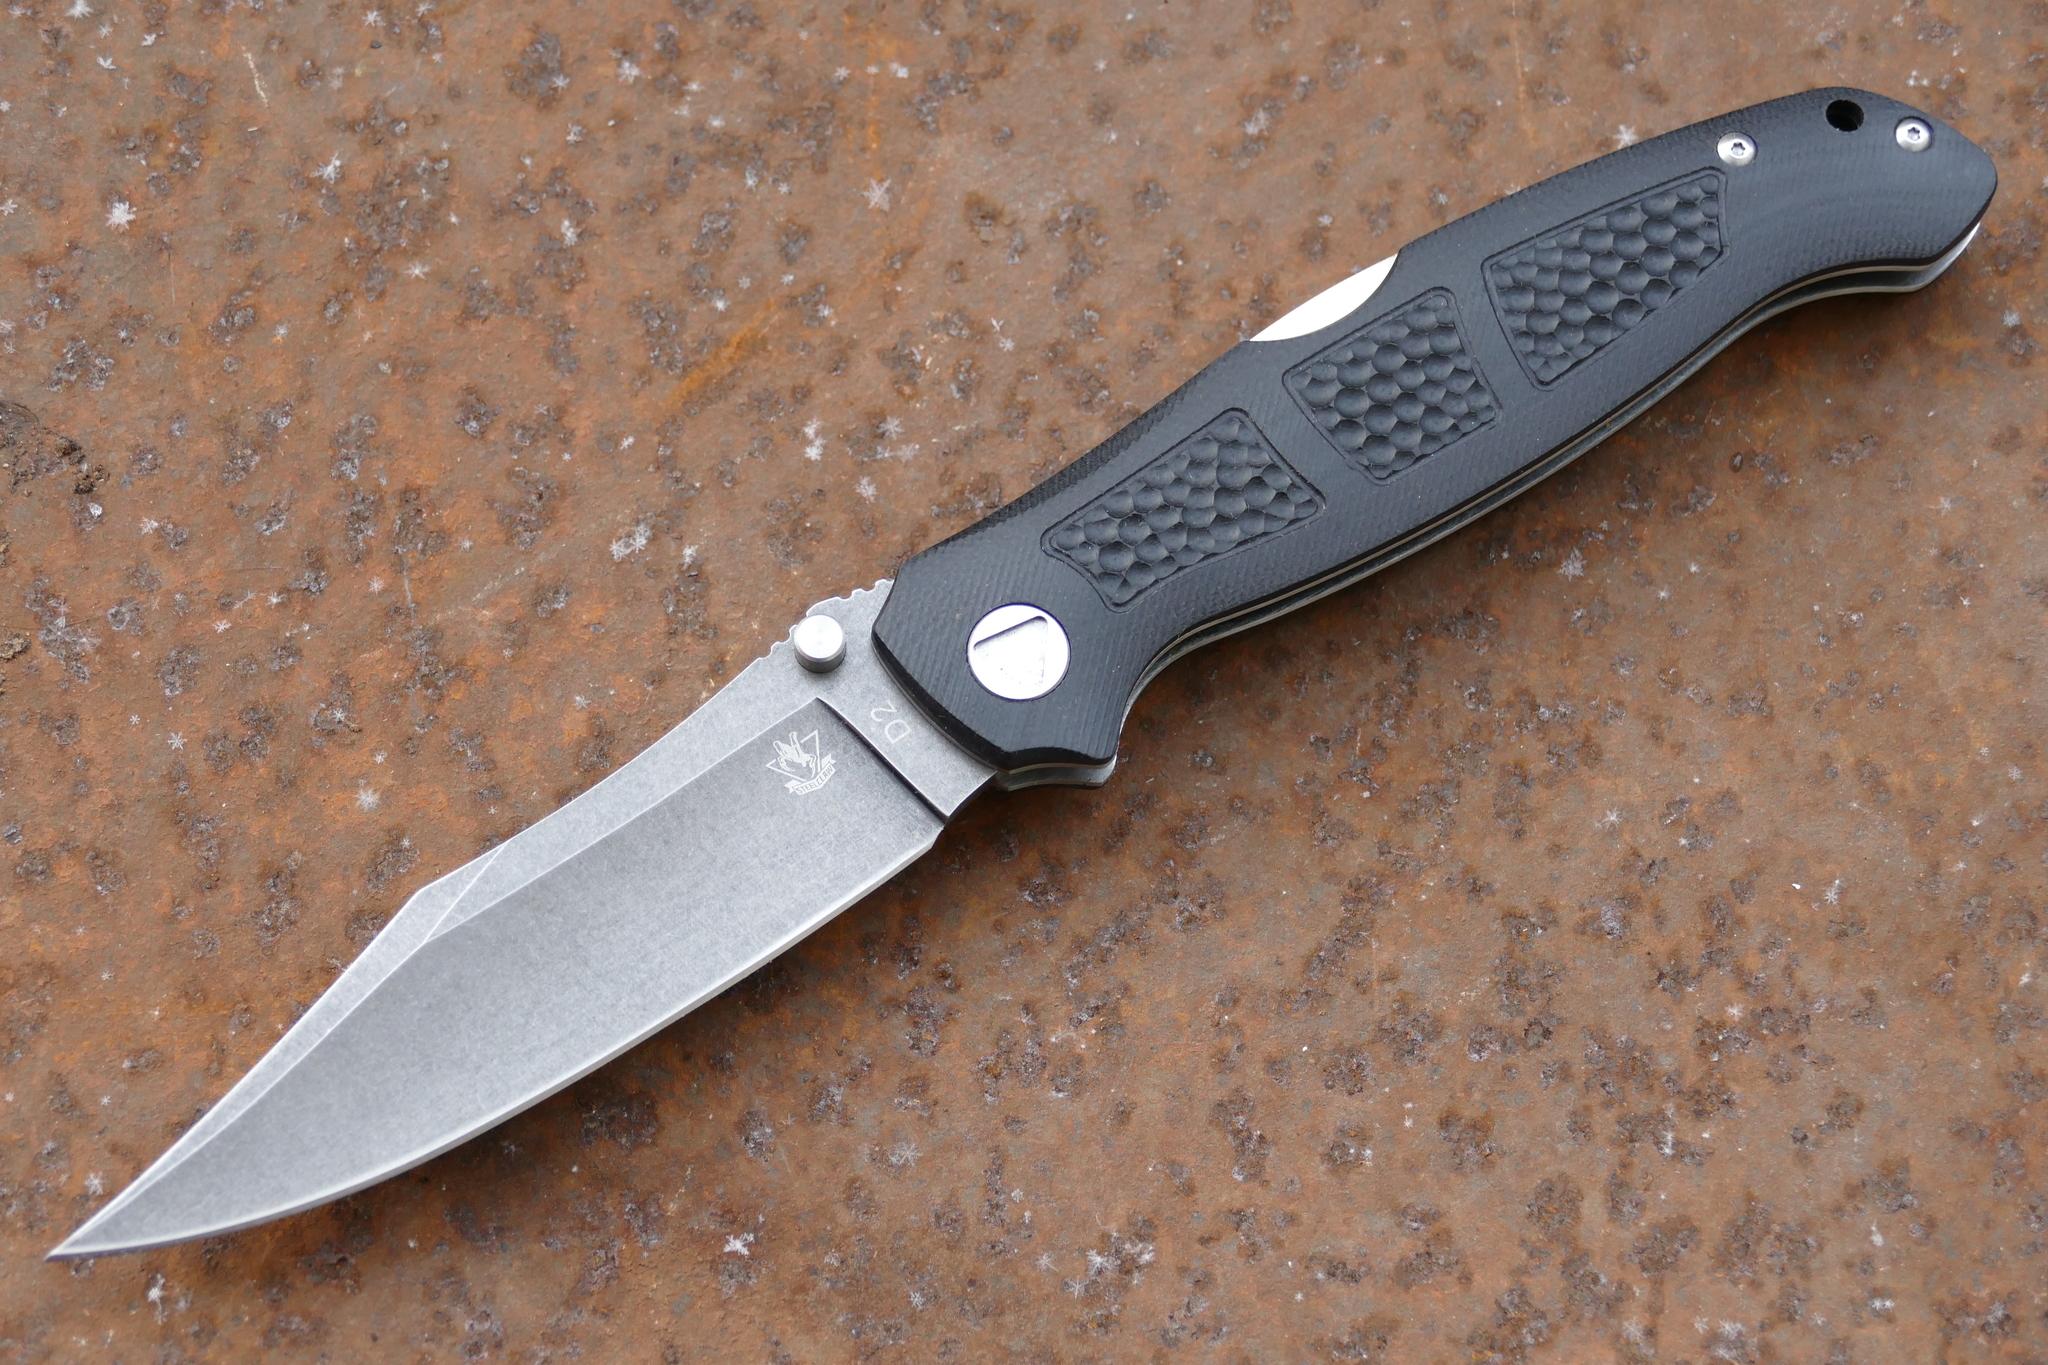 Фото 19 - Складной нож Брат 4, D2 от Steelclaw